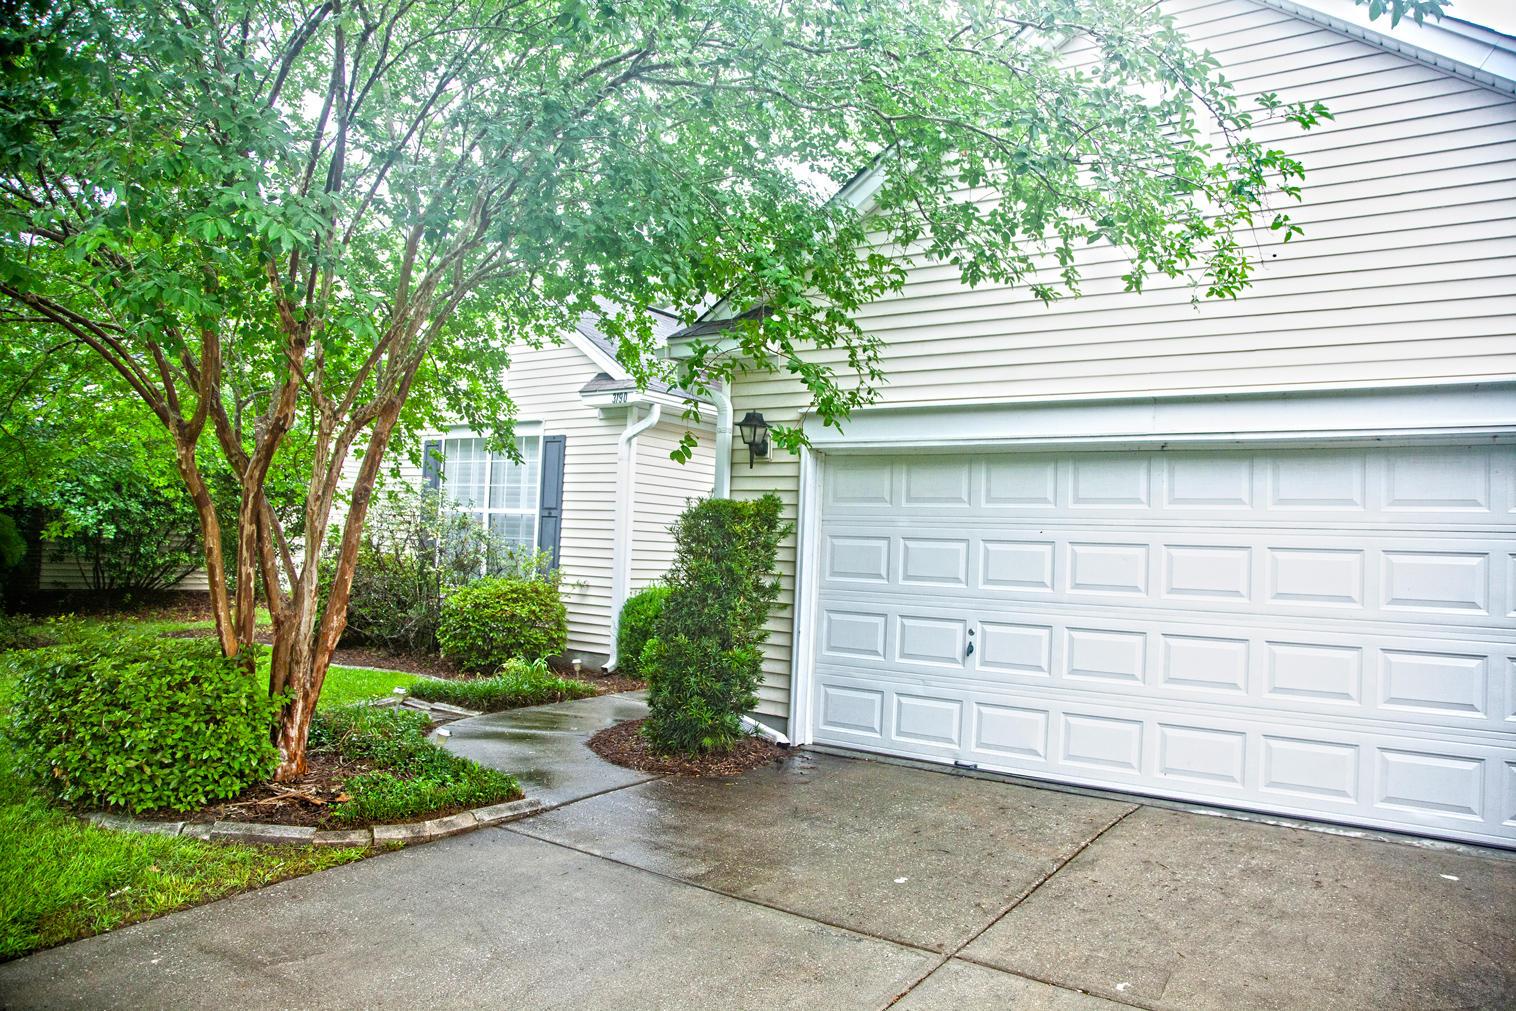 Park West Homes For Sale - 3190 John Bartram Place, Mount Pleasant, SC - 10